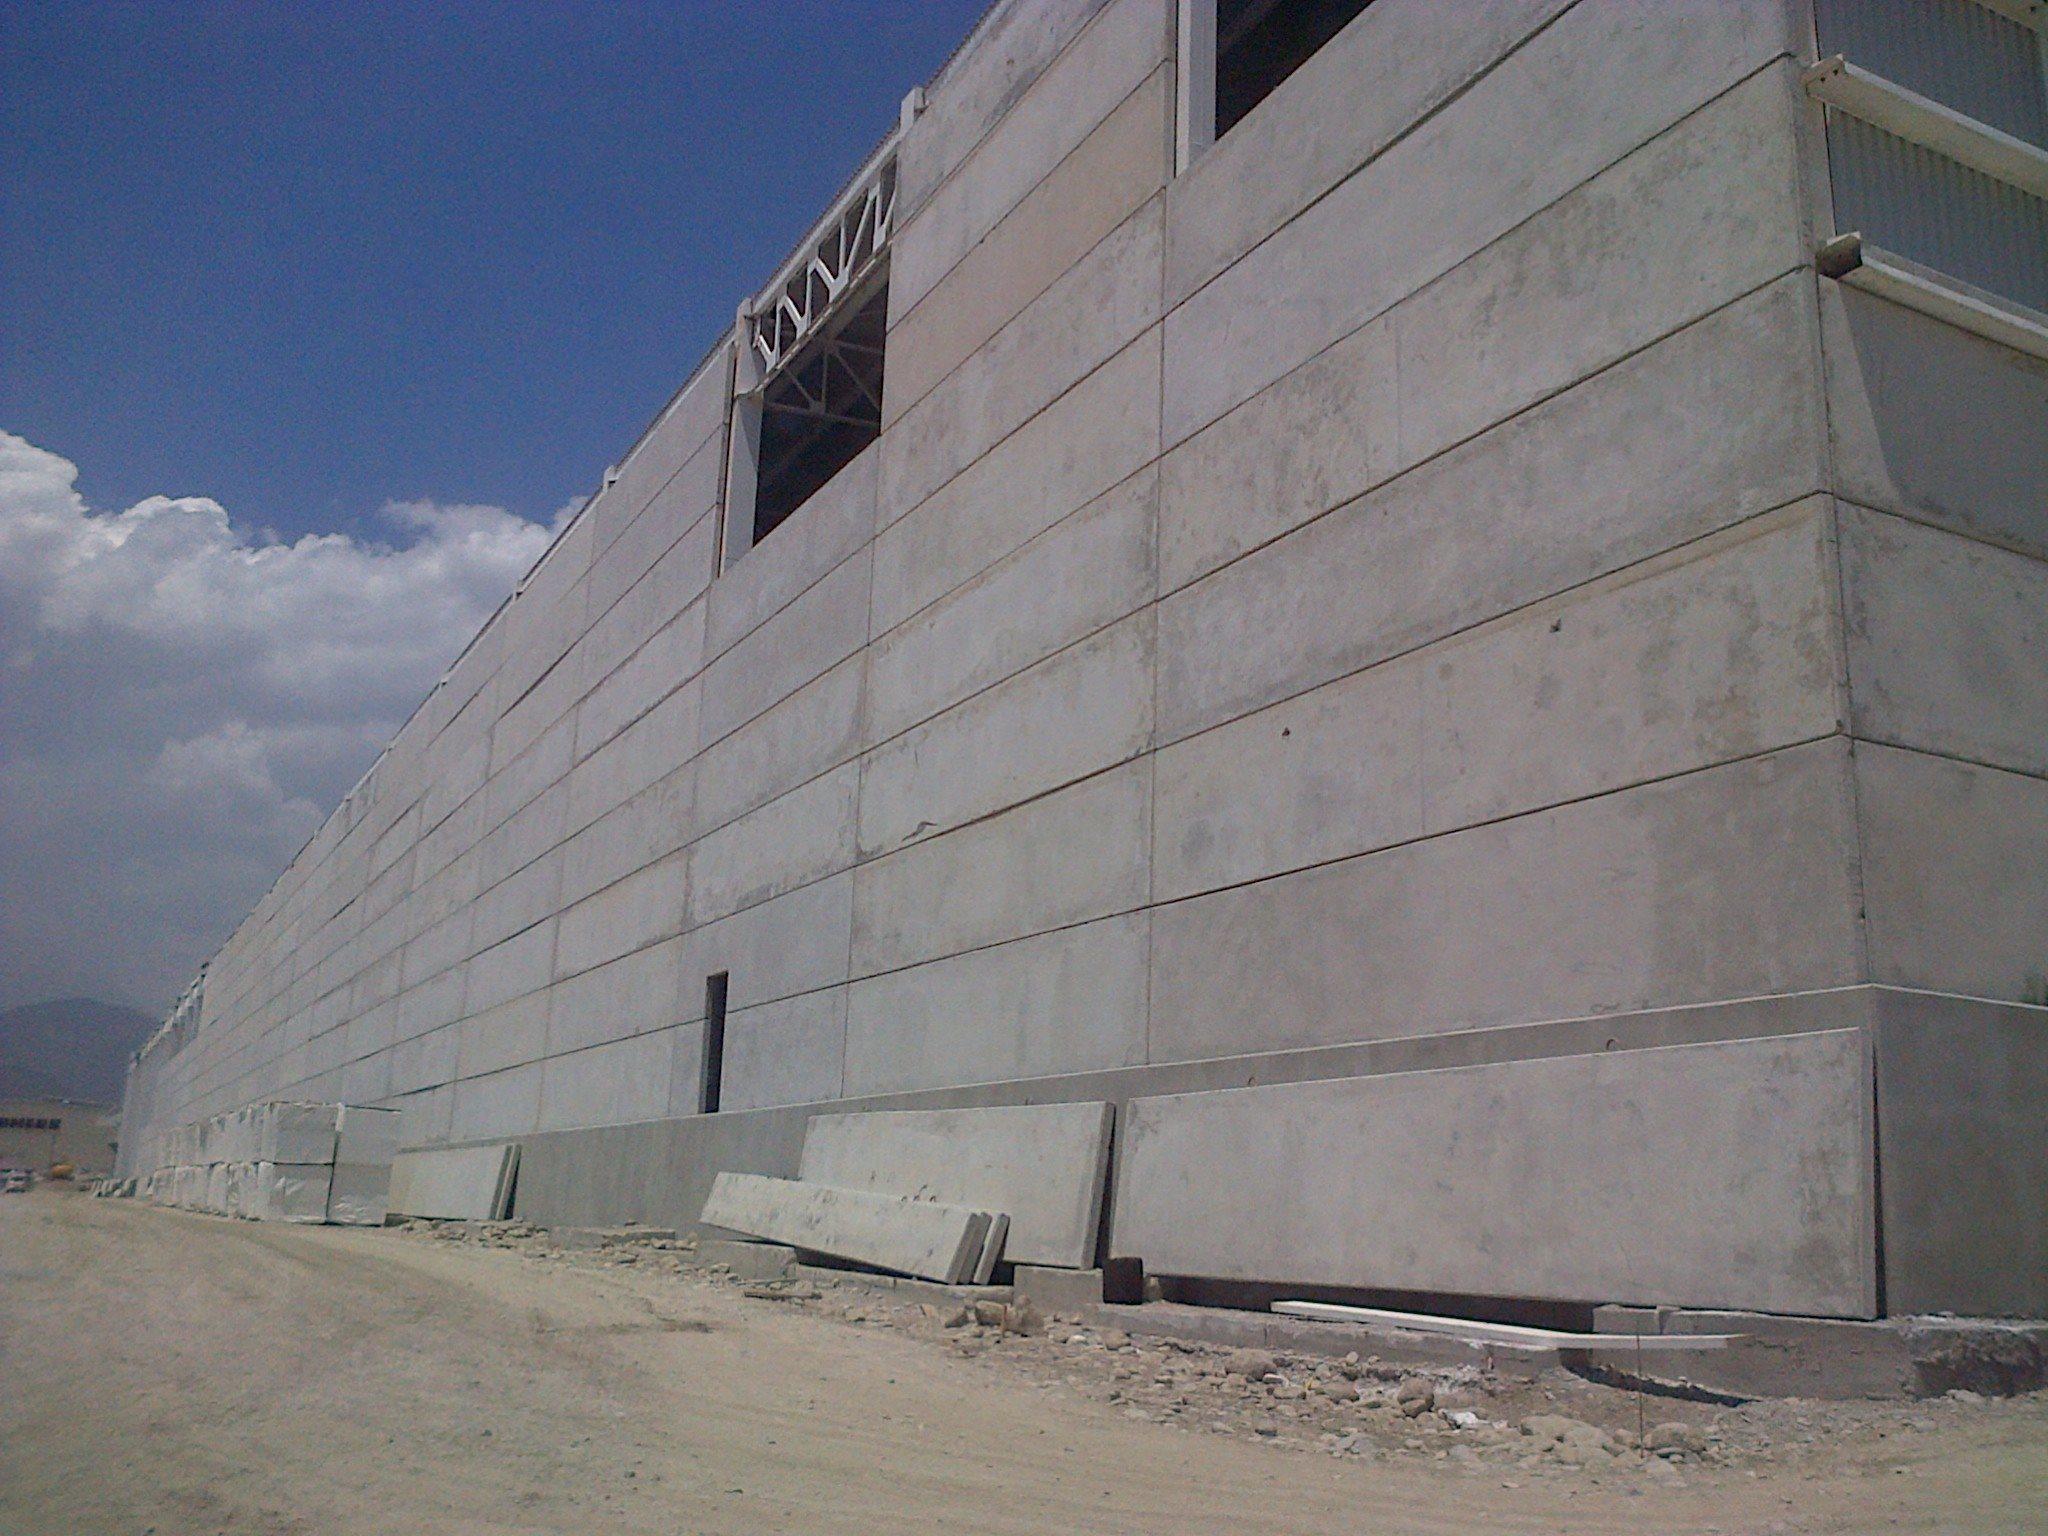 CENTRO DE DISTRIBUCIÓN FARMACIAS GUADALAJARA - MONTERREY